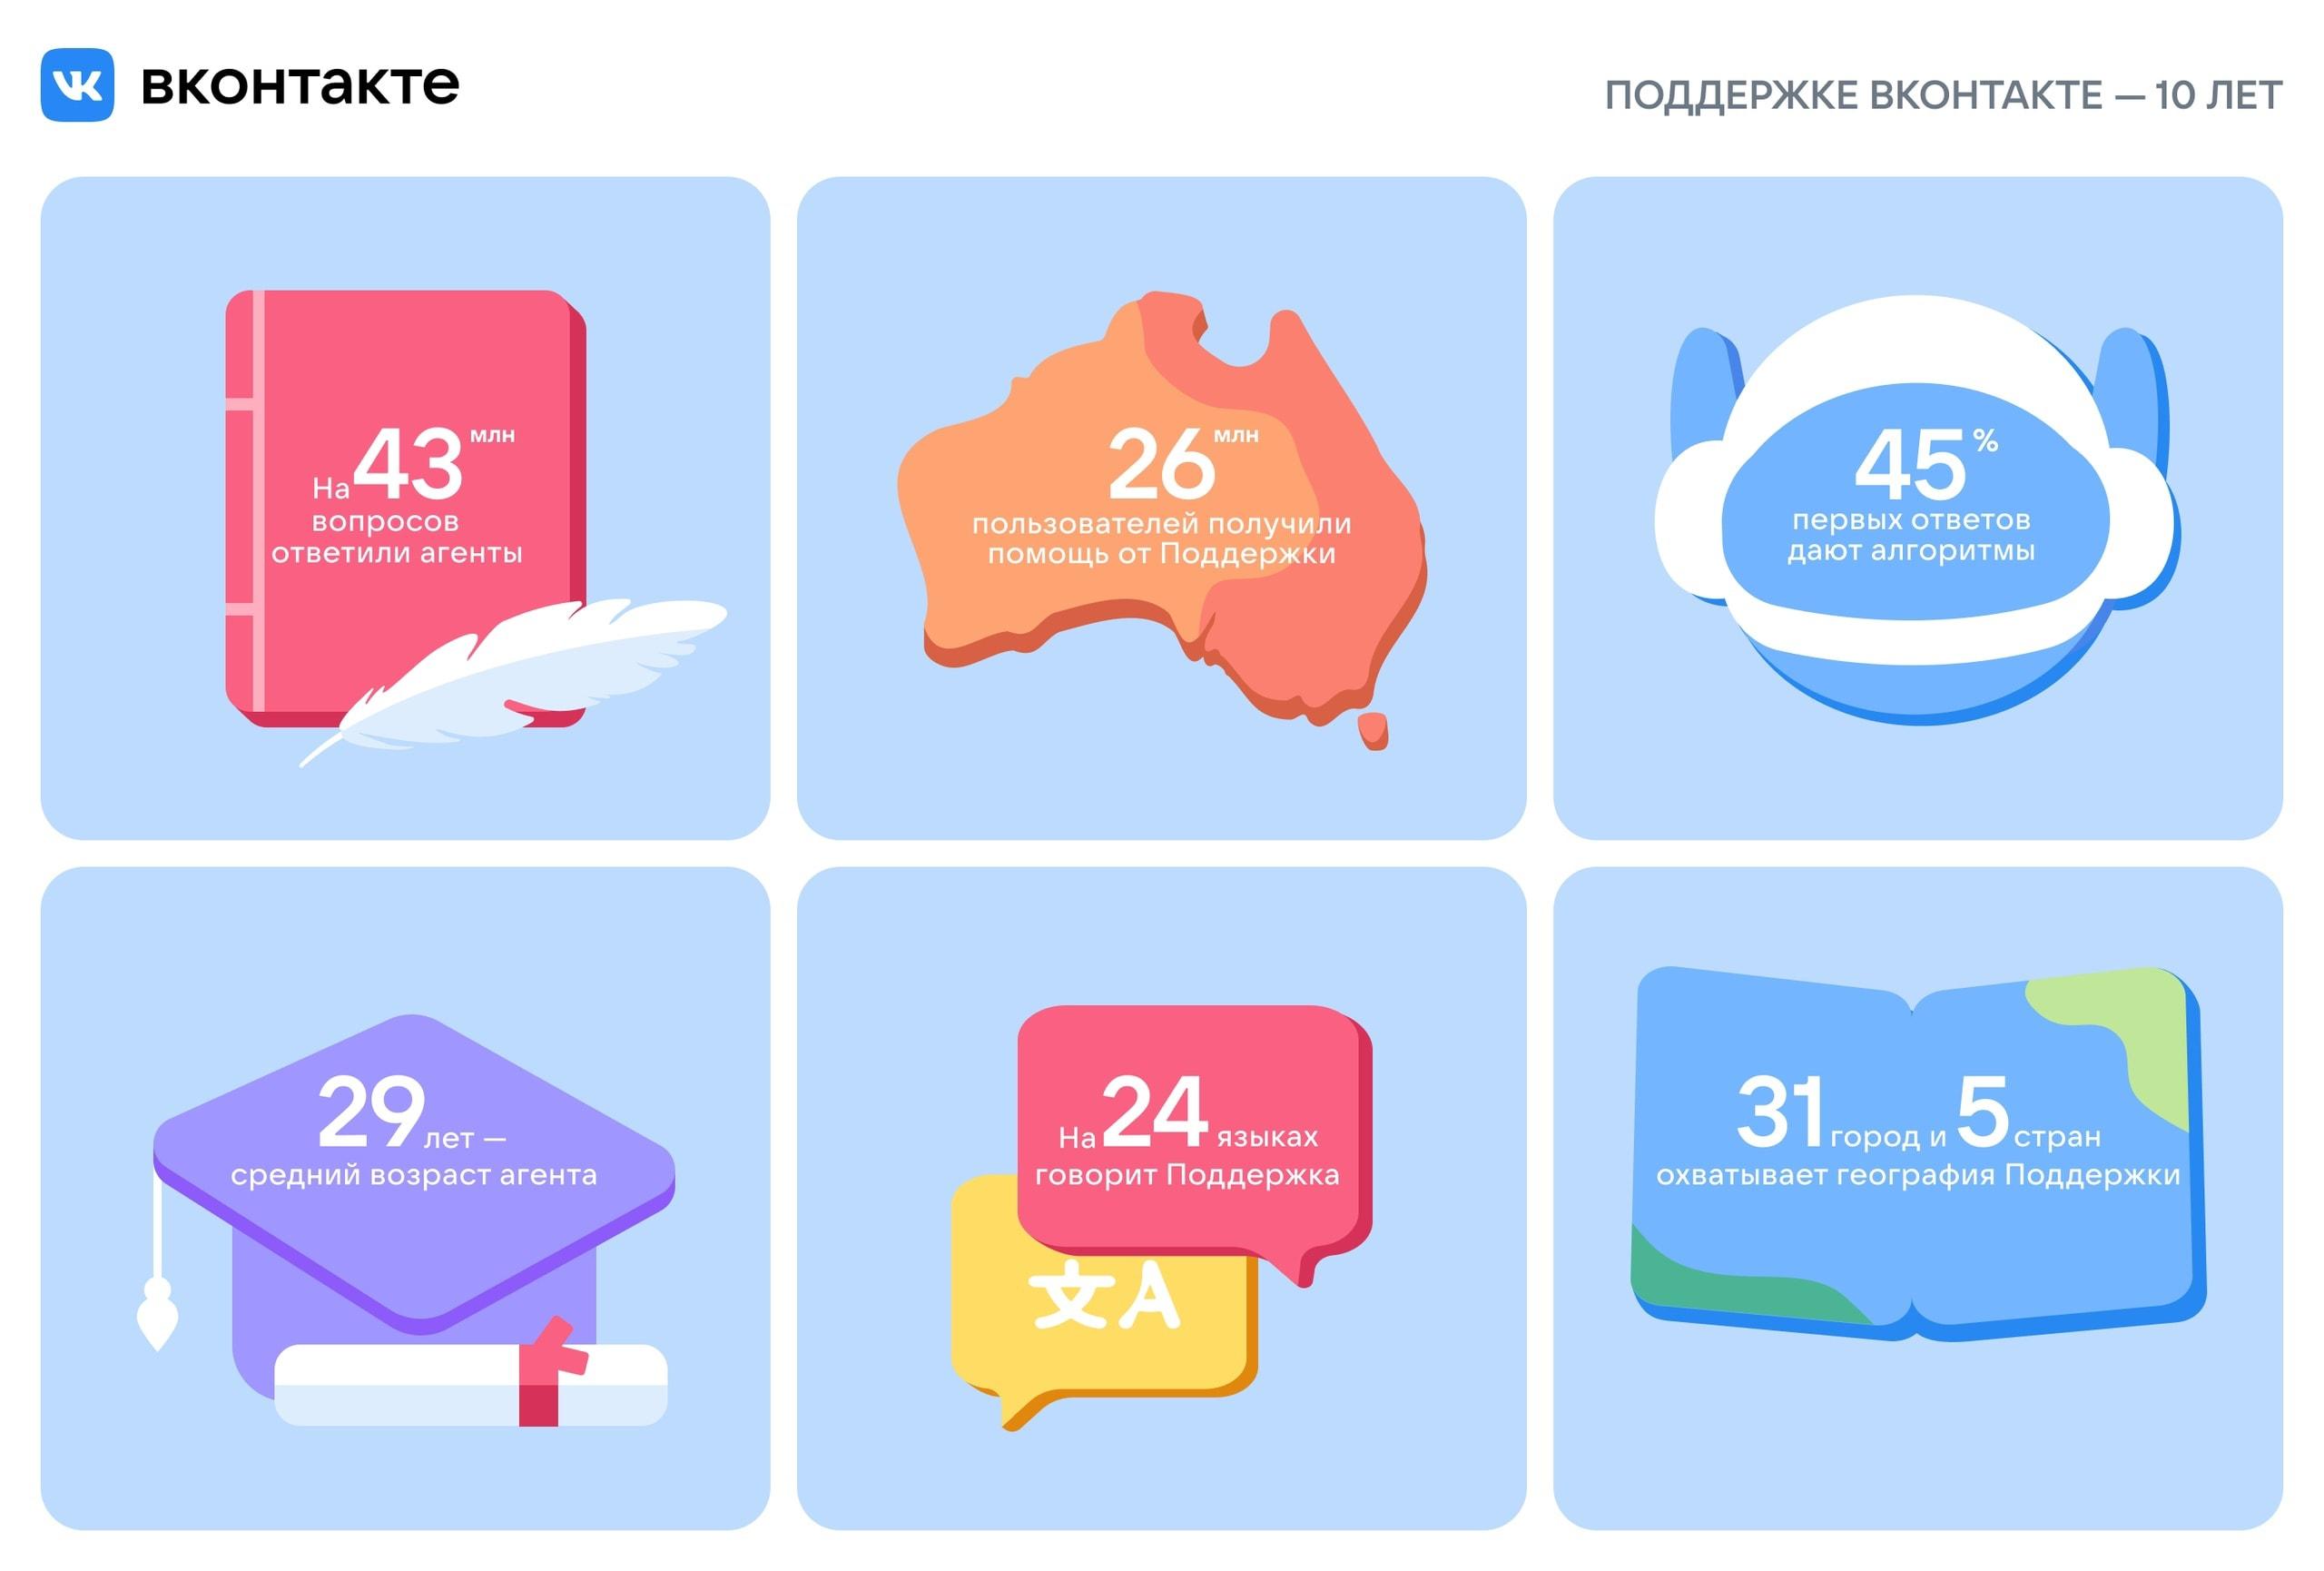 Поддержка ВКонтакте в среднем получает по 11 800 запросов в день